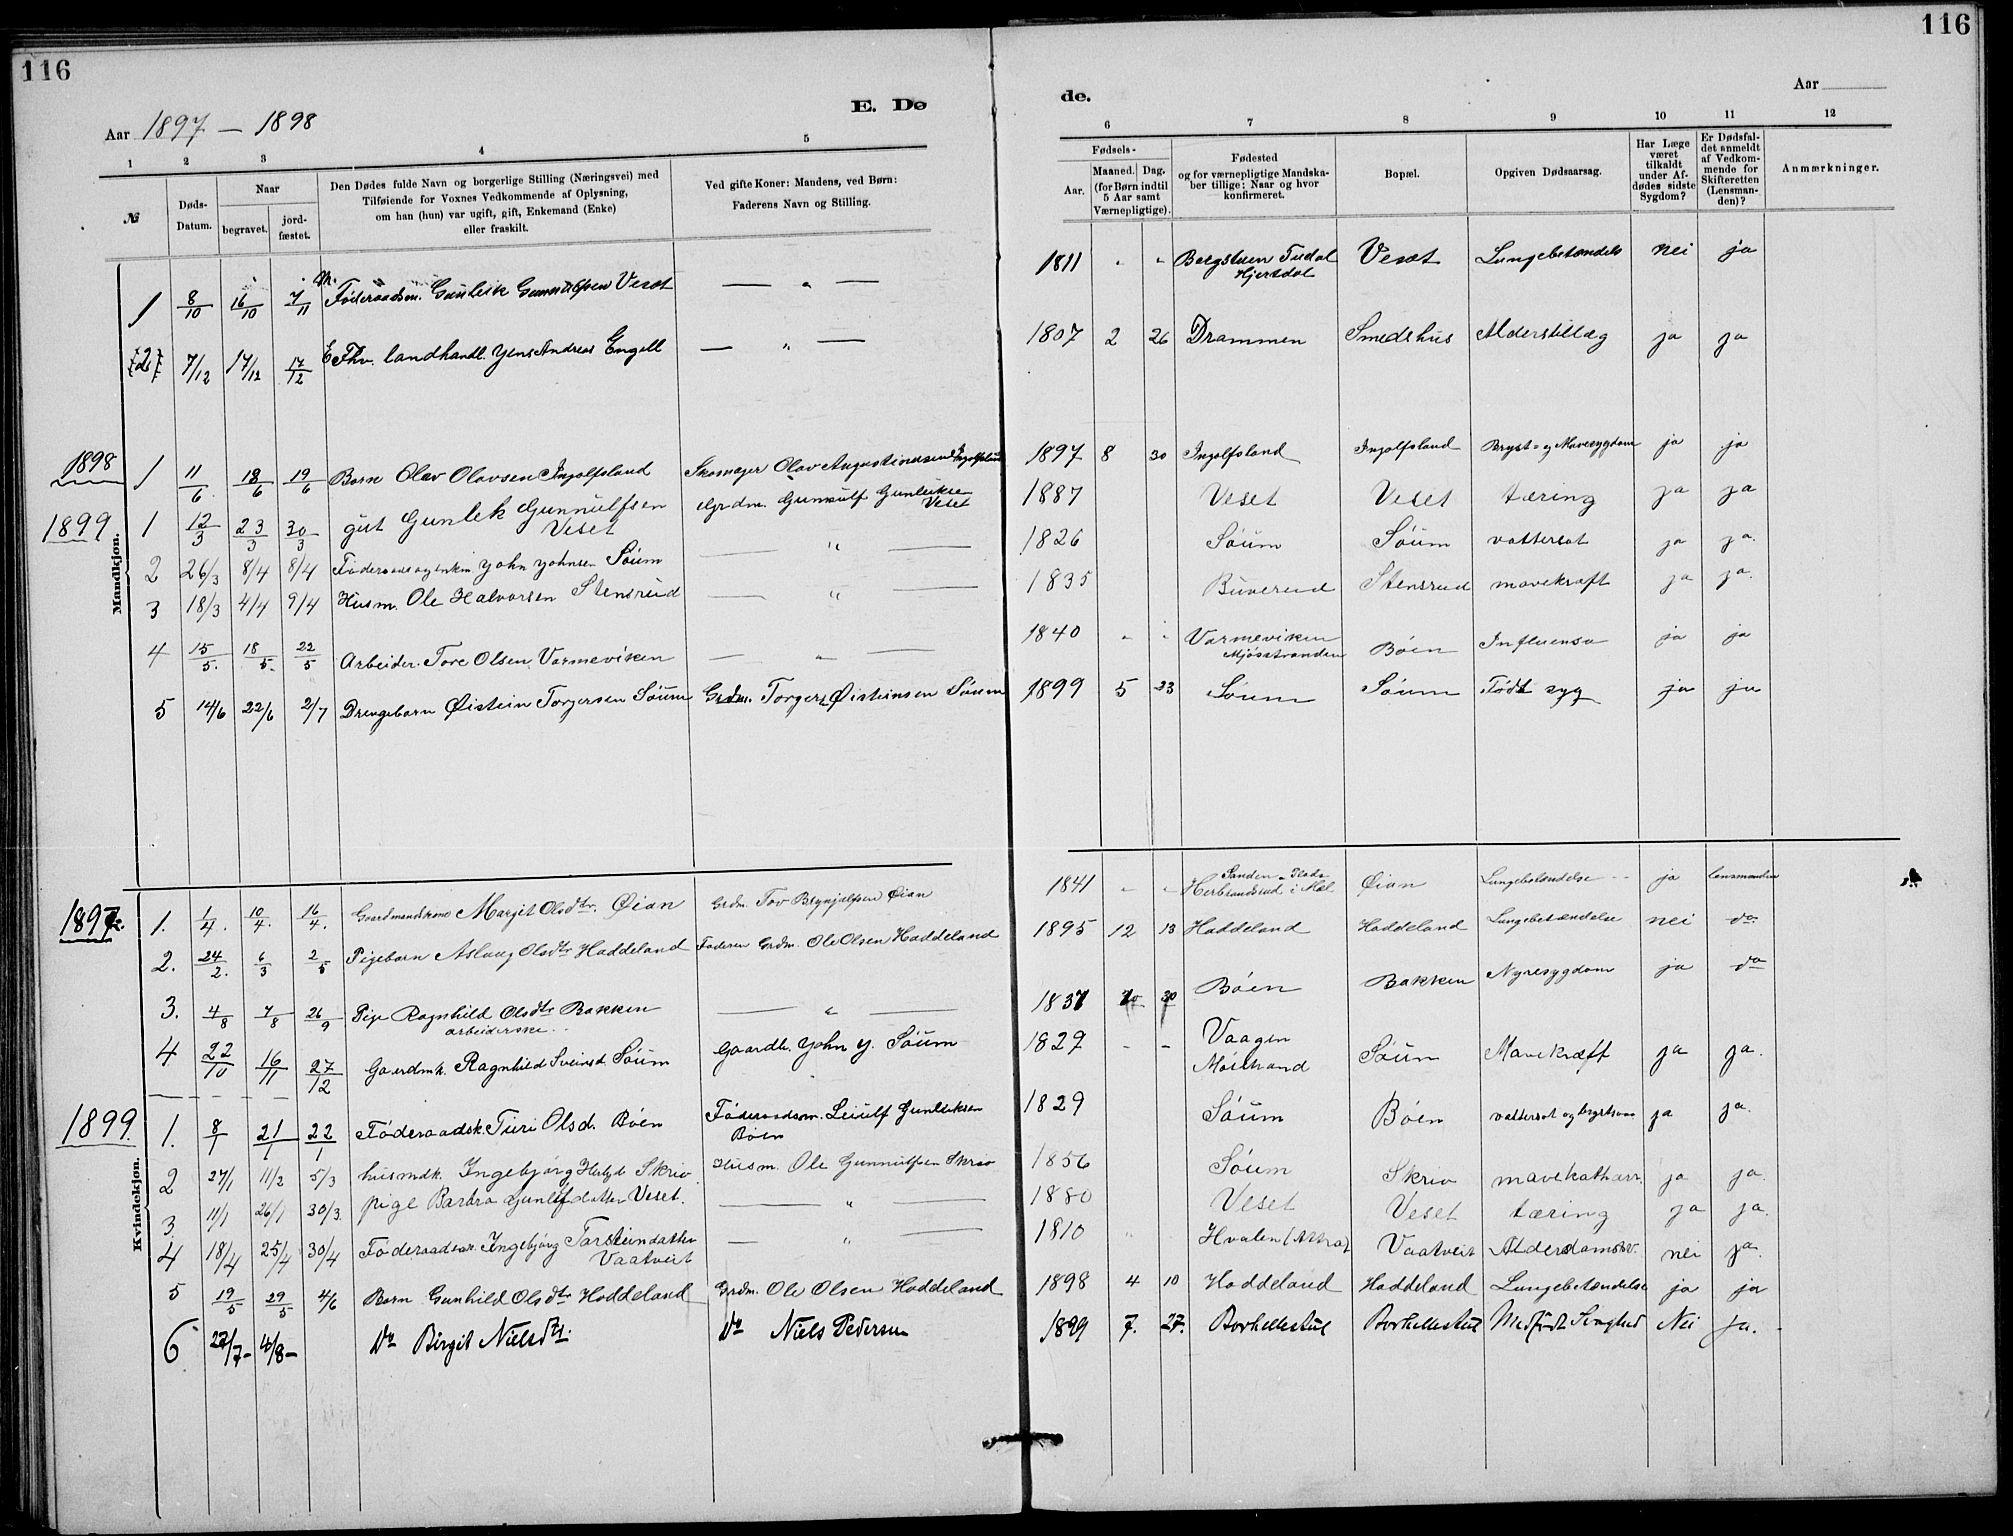 SAKO, Rjukan kirkebøker, G/Ga/L0001: Klokkerbok nr. 1, 1880-1914, s. 116